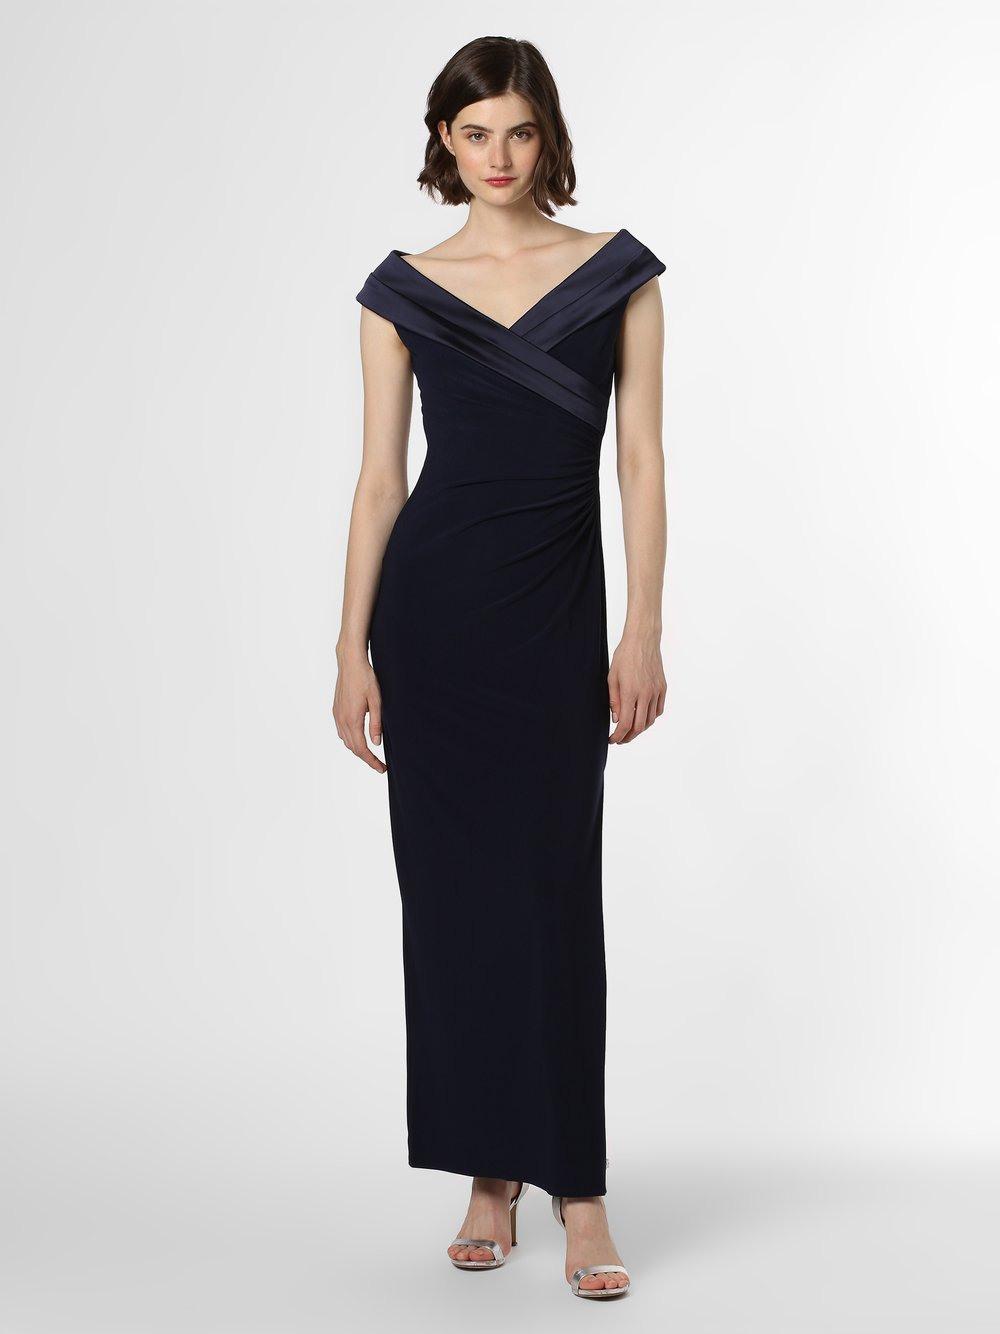 10 Fantastisch Abendkleider Damen Vertrieb13 Erstaunlich Abendkleider Damen Ärmel